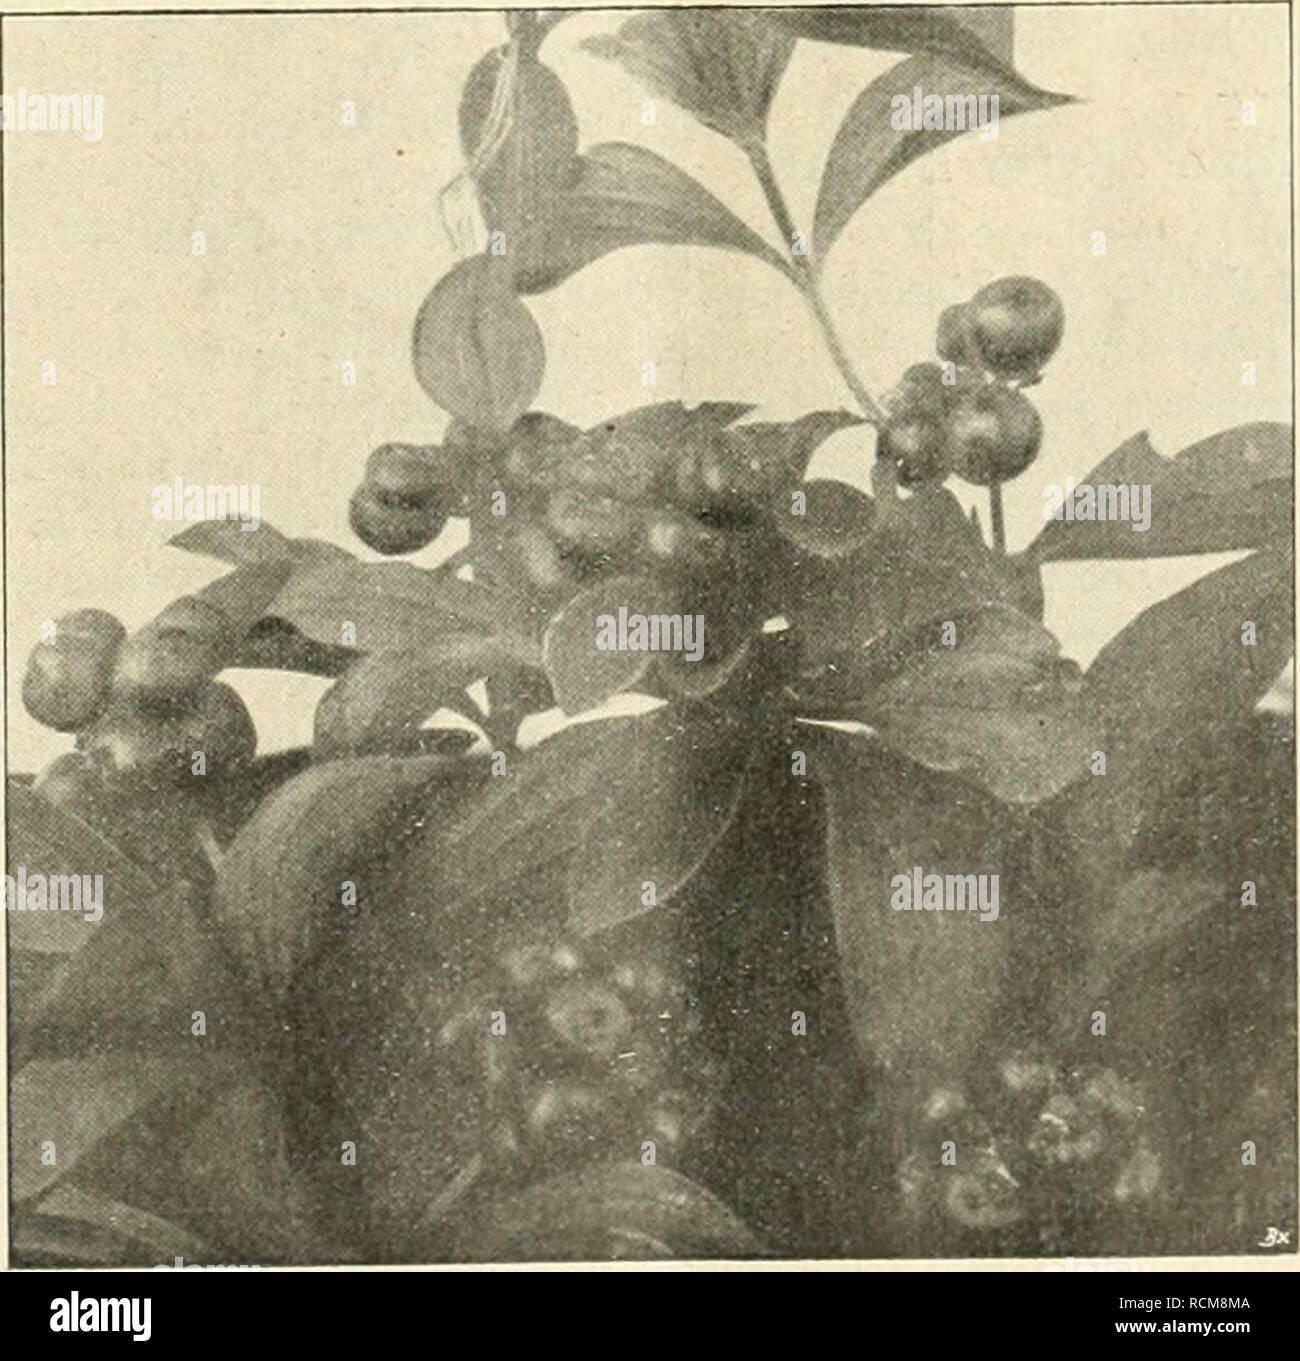 . Die Gartenwelt. Gardening. XXI, Die öartenwelt. 507 eingeschnittenen Lappen geteilten, zart grünem, glänzenden Blatte teilt. Im Mai erscheinen, unter dem Laube versteckt, die weißen, hängenden Blüten, denen dann später die pflaumengroßen, gold- gelben Früchte folgen. Im Park wie im Alpinum. hier aber an nördlicher halbschalliger Stelle, sind die Fußblätter recht vorteilhaft zu verwenden. In mit Torf, Sand und Lauberde verbessertem Boden gedeihen die Pflanzen recht üppig; zu- mal Podophyllum Emodi majas entwickelt sich bald zu einem kräftigen Busche von 80 — 90 cm Höhe. Für schattigere Gehölz - Stock Image